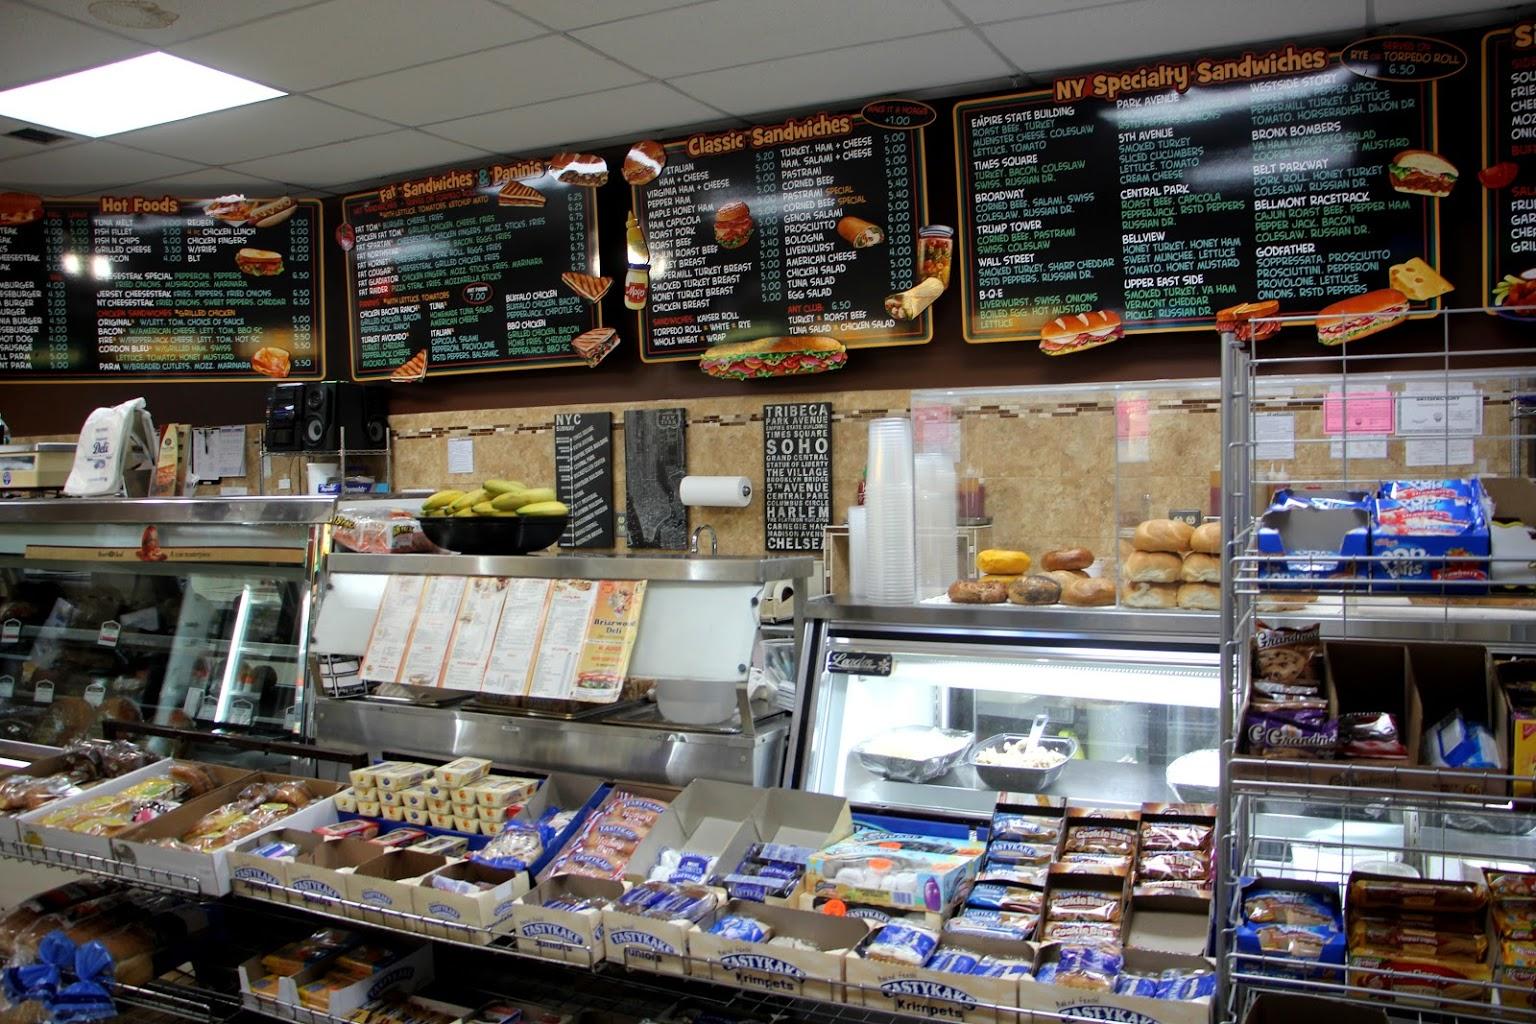 New Briarwood Deli display Delicatessen Convenience Store, Hamilton, NJ